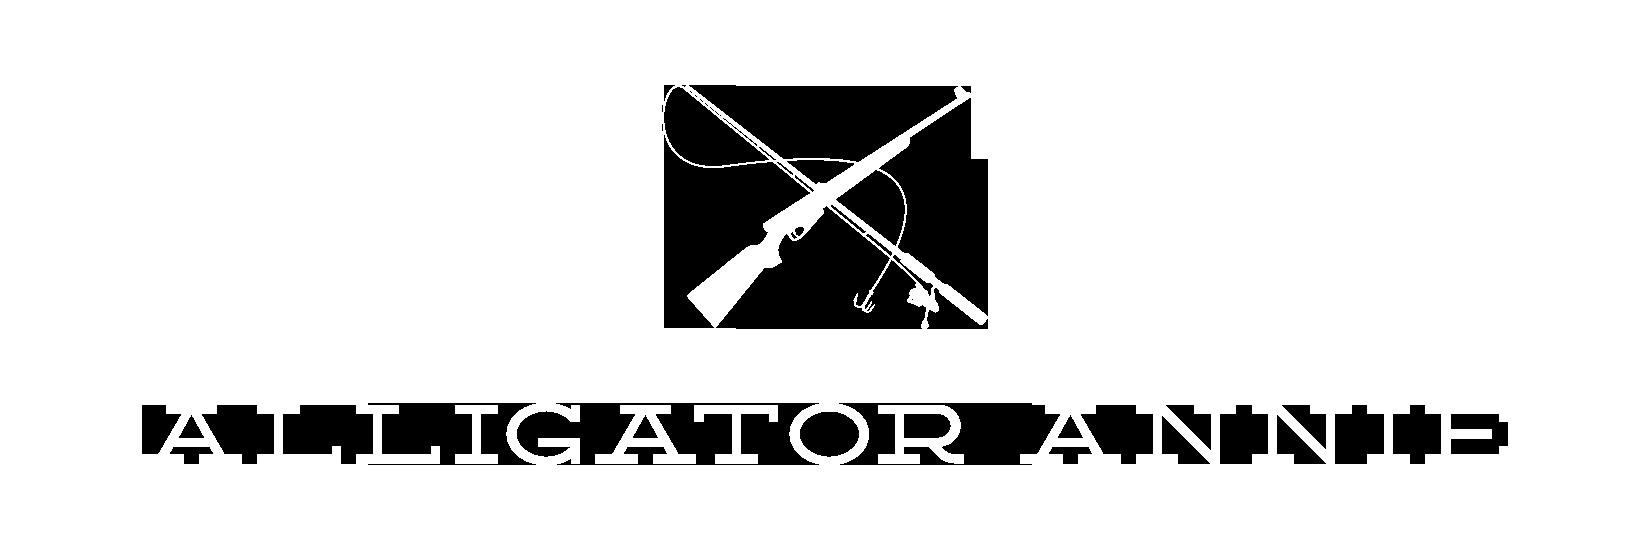 Alligator Annie